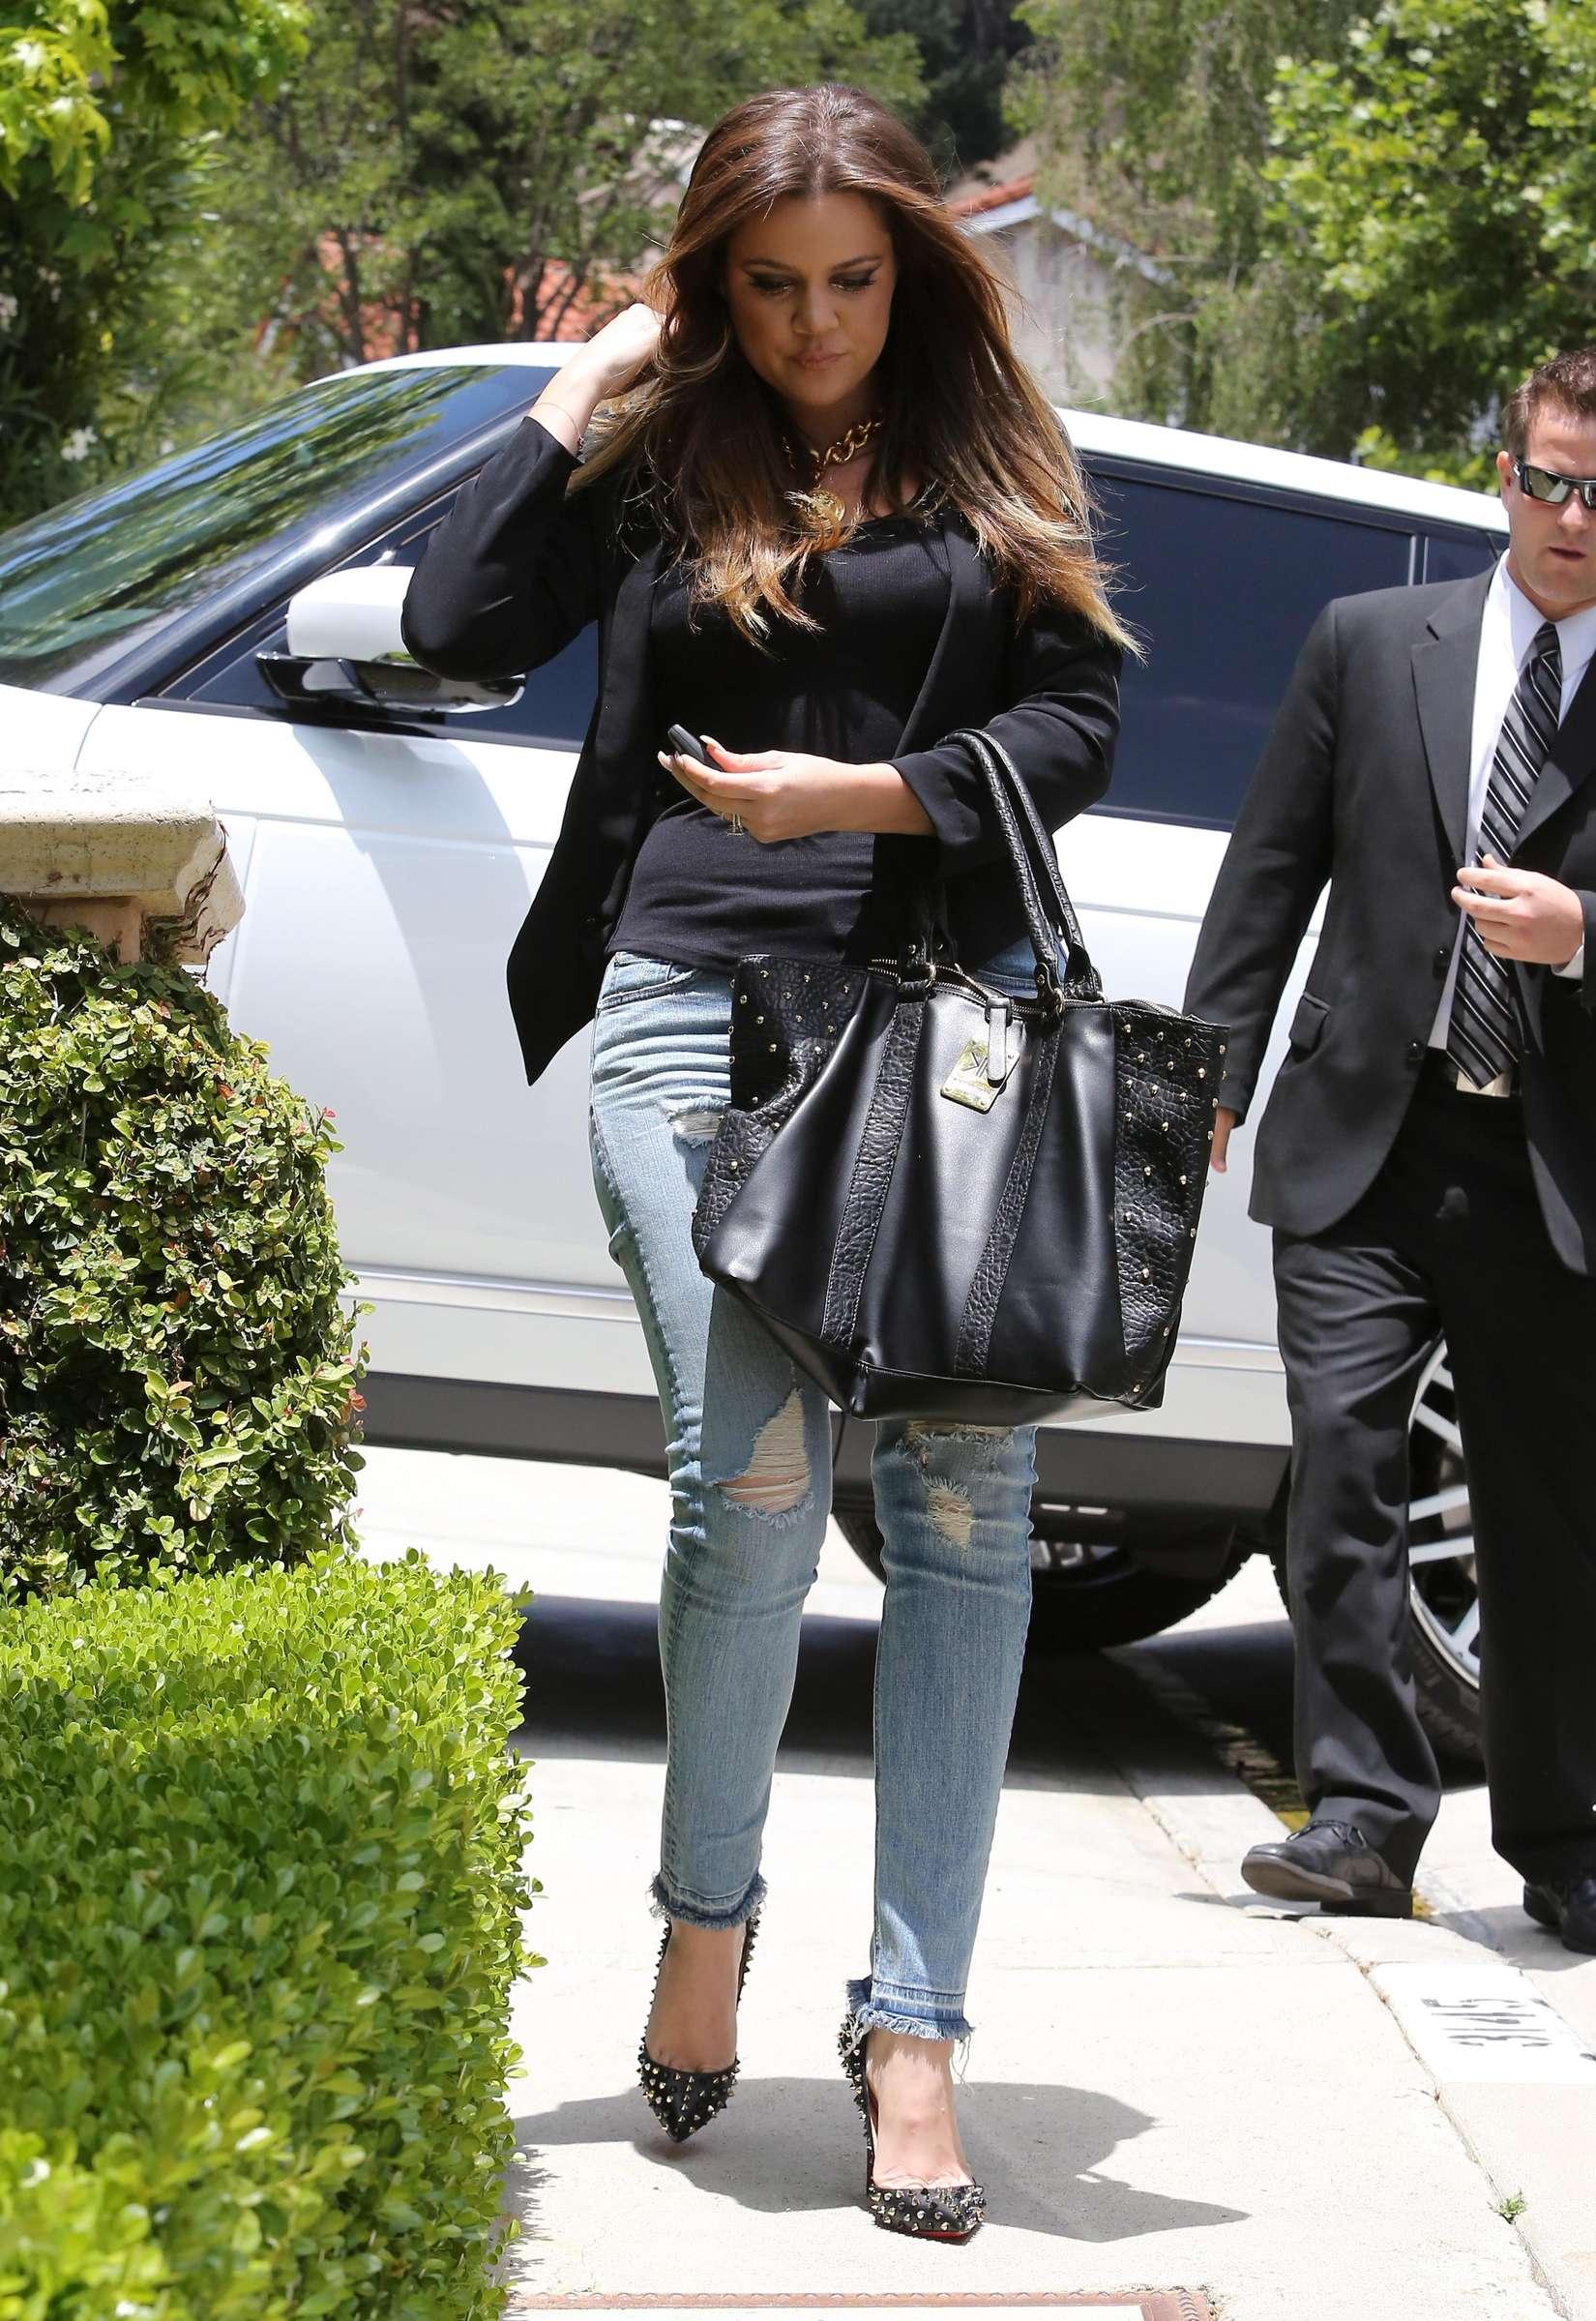 Khloe Kardashian 2013 : Khloe Kardashian at Kims house -11